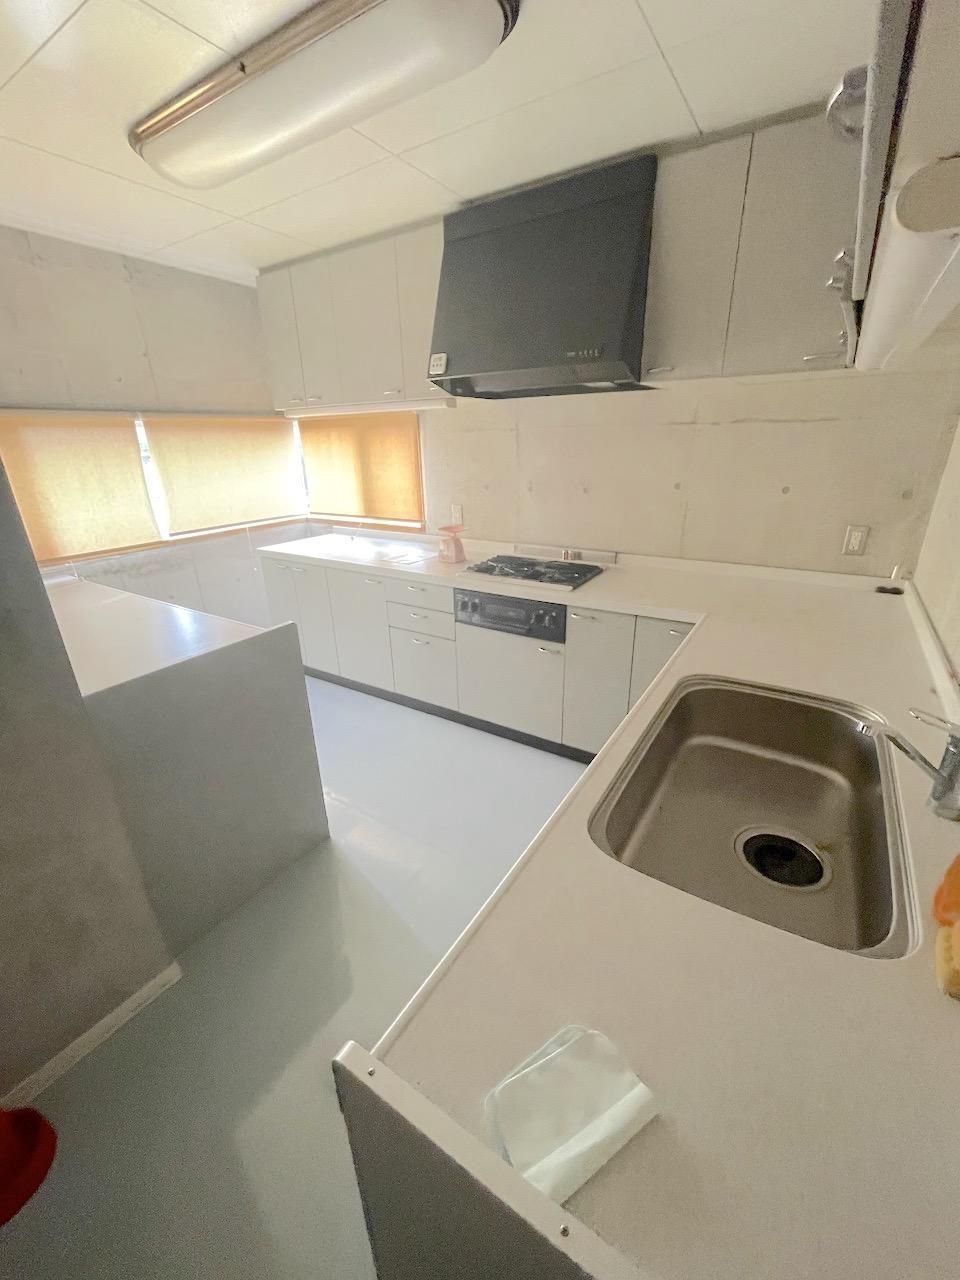 2階のキッチンも広い。料理教室もしていたとか。